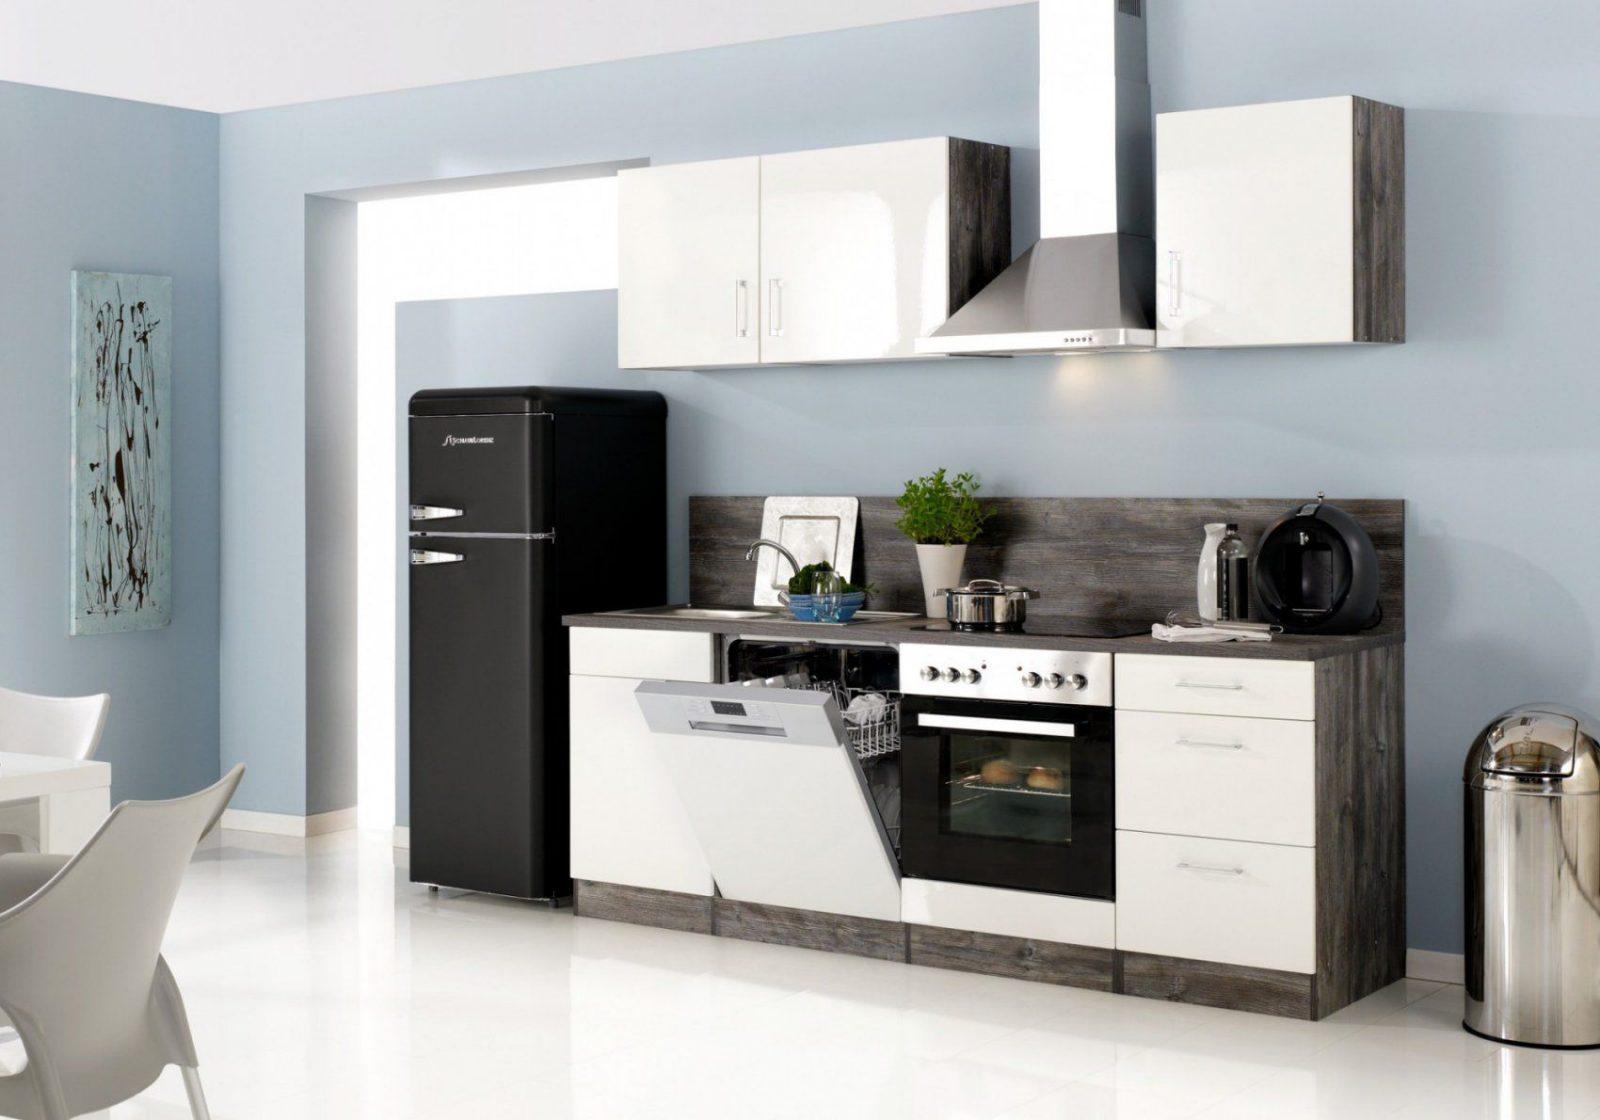 Küchenzeile Lissabon  Küche Mit Egeräten  Breite 280 Cm 14 von Küchenzeile 280 Cm Mit Elektrogeräten Günstig Photo